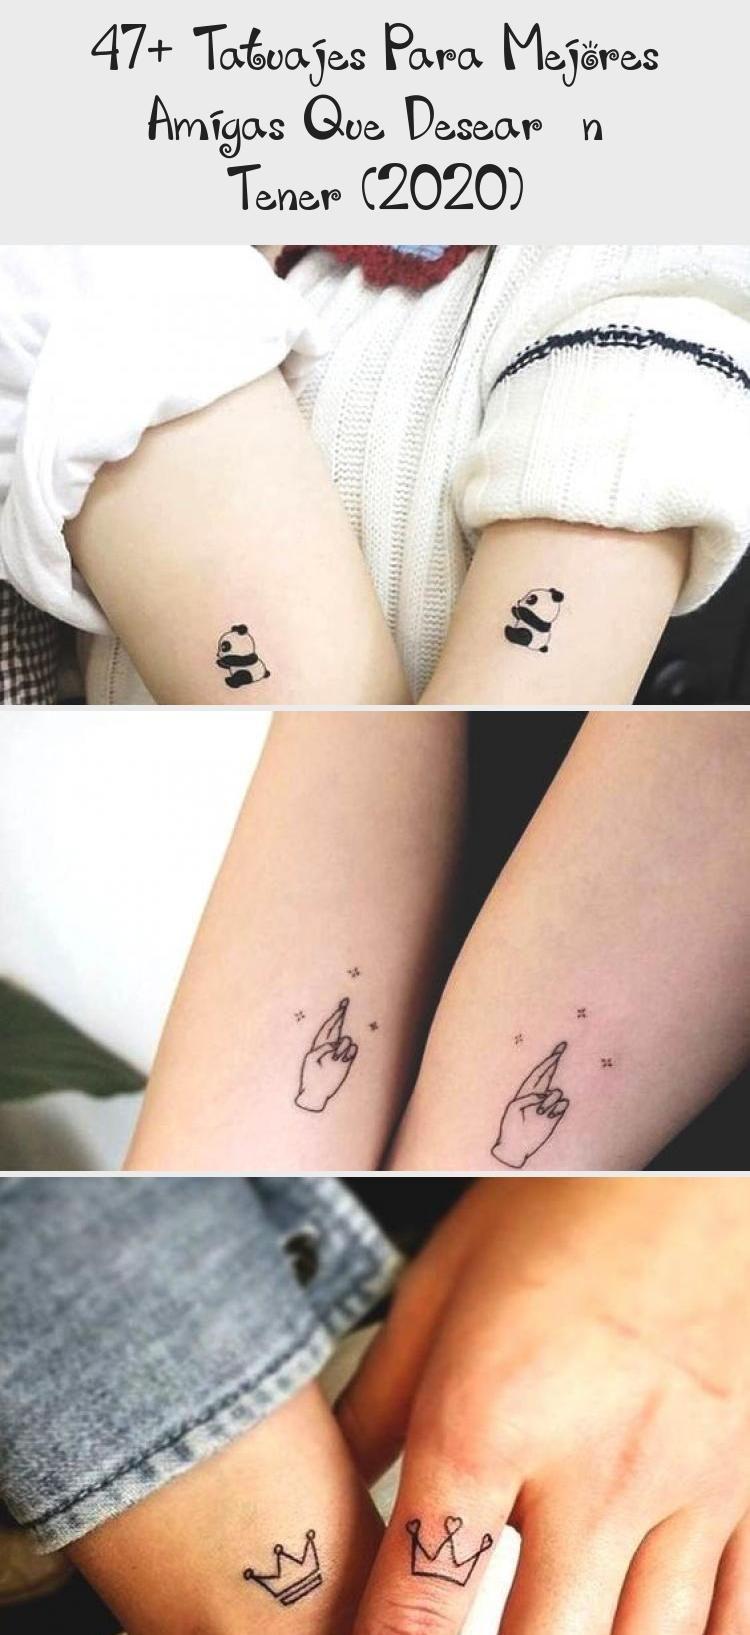 47+ Tatuajes Para Mejores Amigas Que Desearán Tener (2020) - Tattoo Blog en  2020   Tatuajes mejores amigas, Mejores amigos, Tattoo de mejores amigas